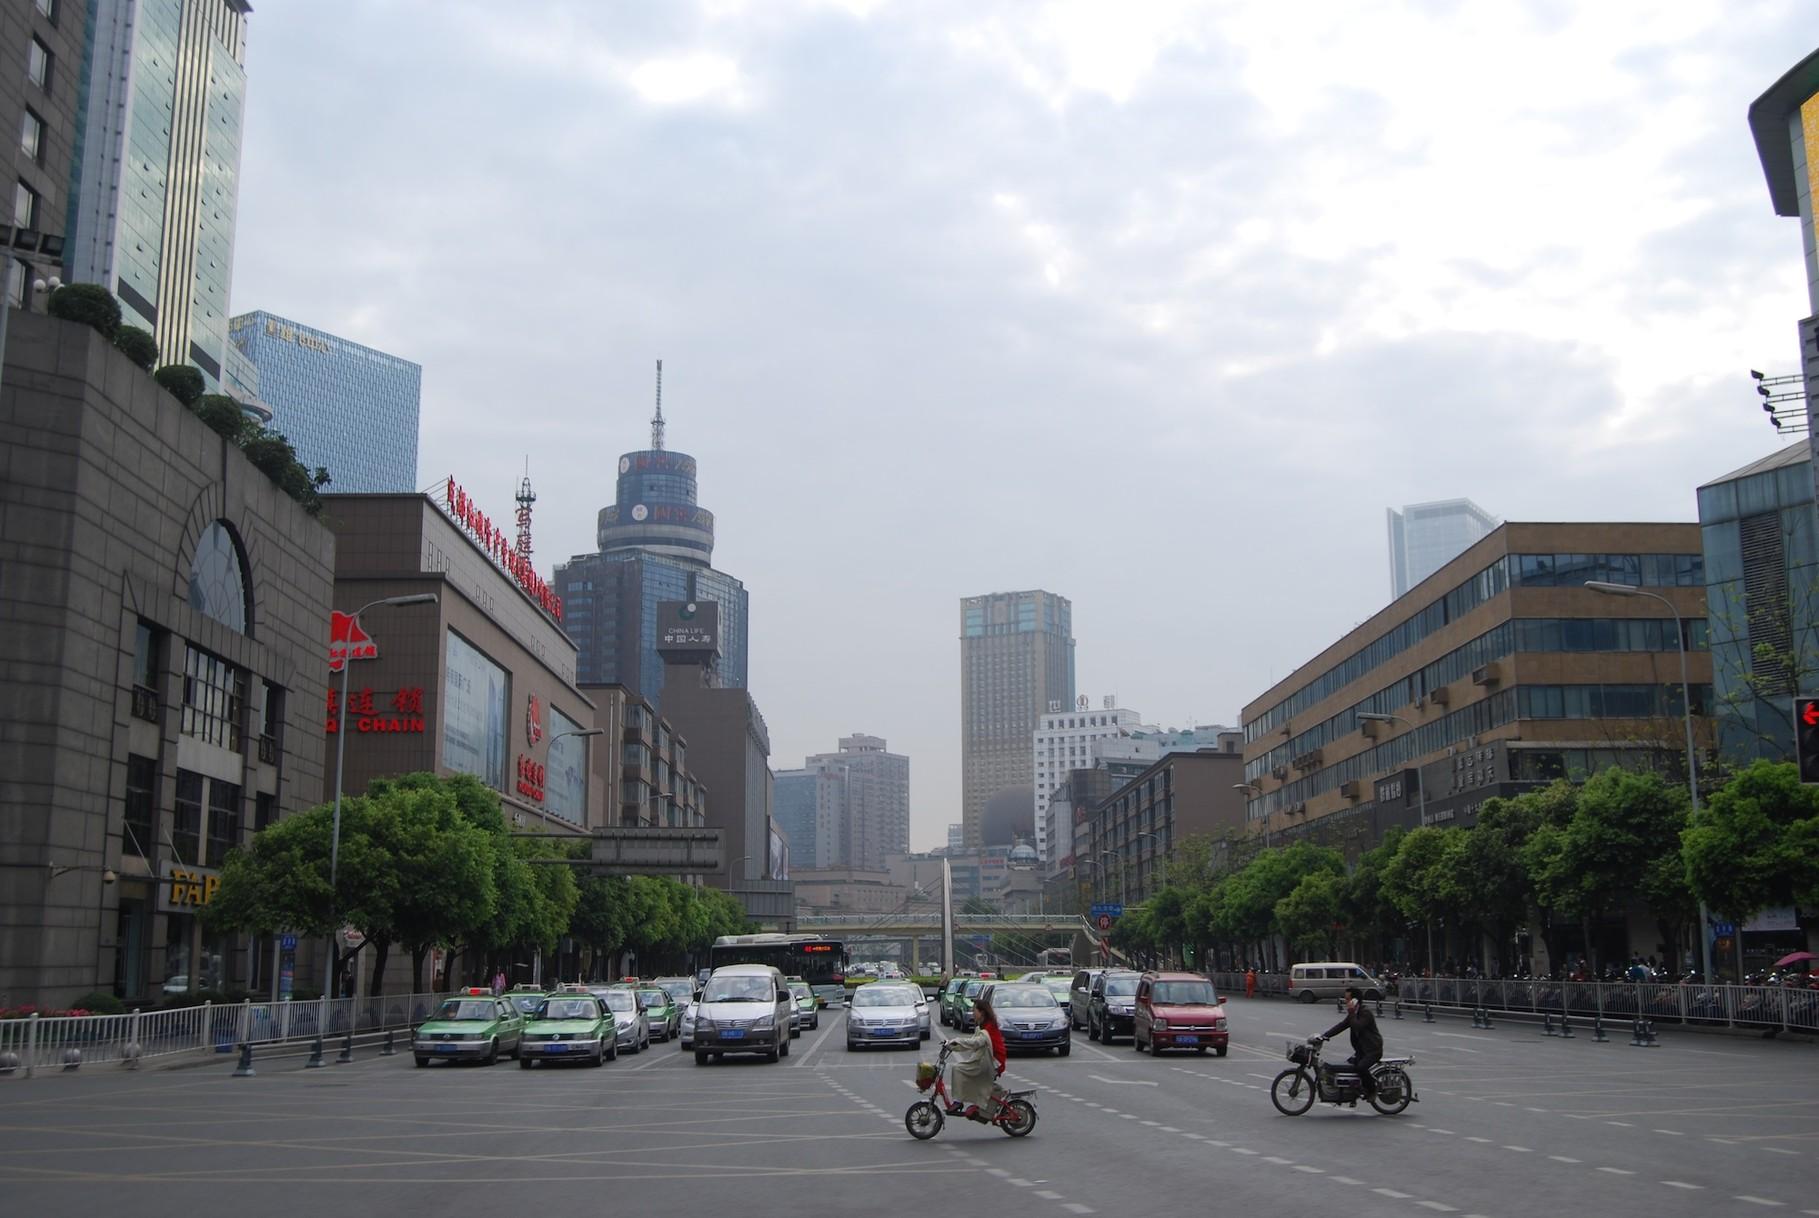 Bye, bye, Chengdu!